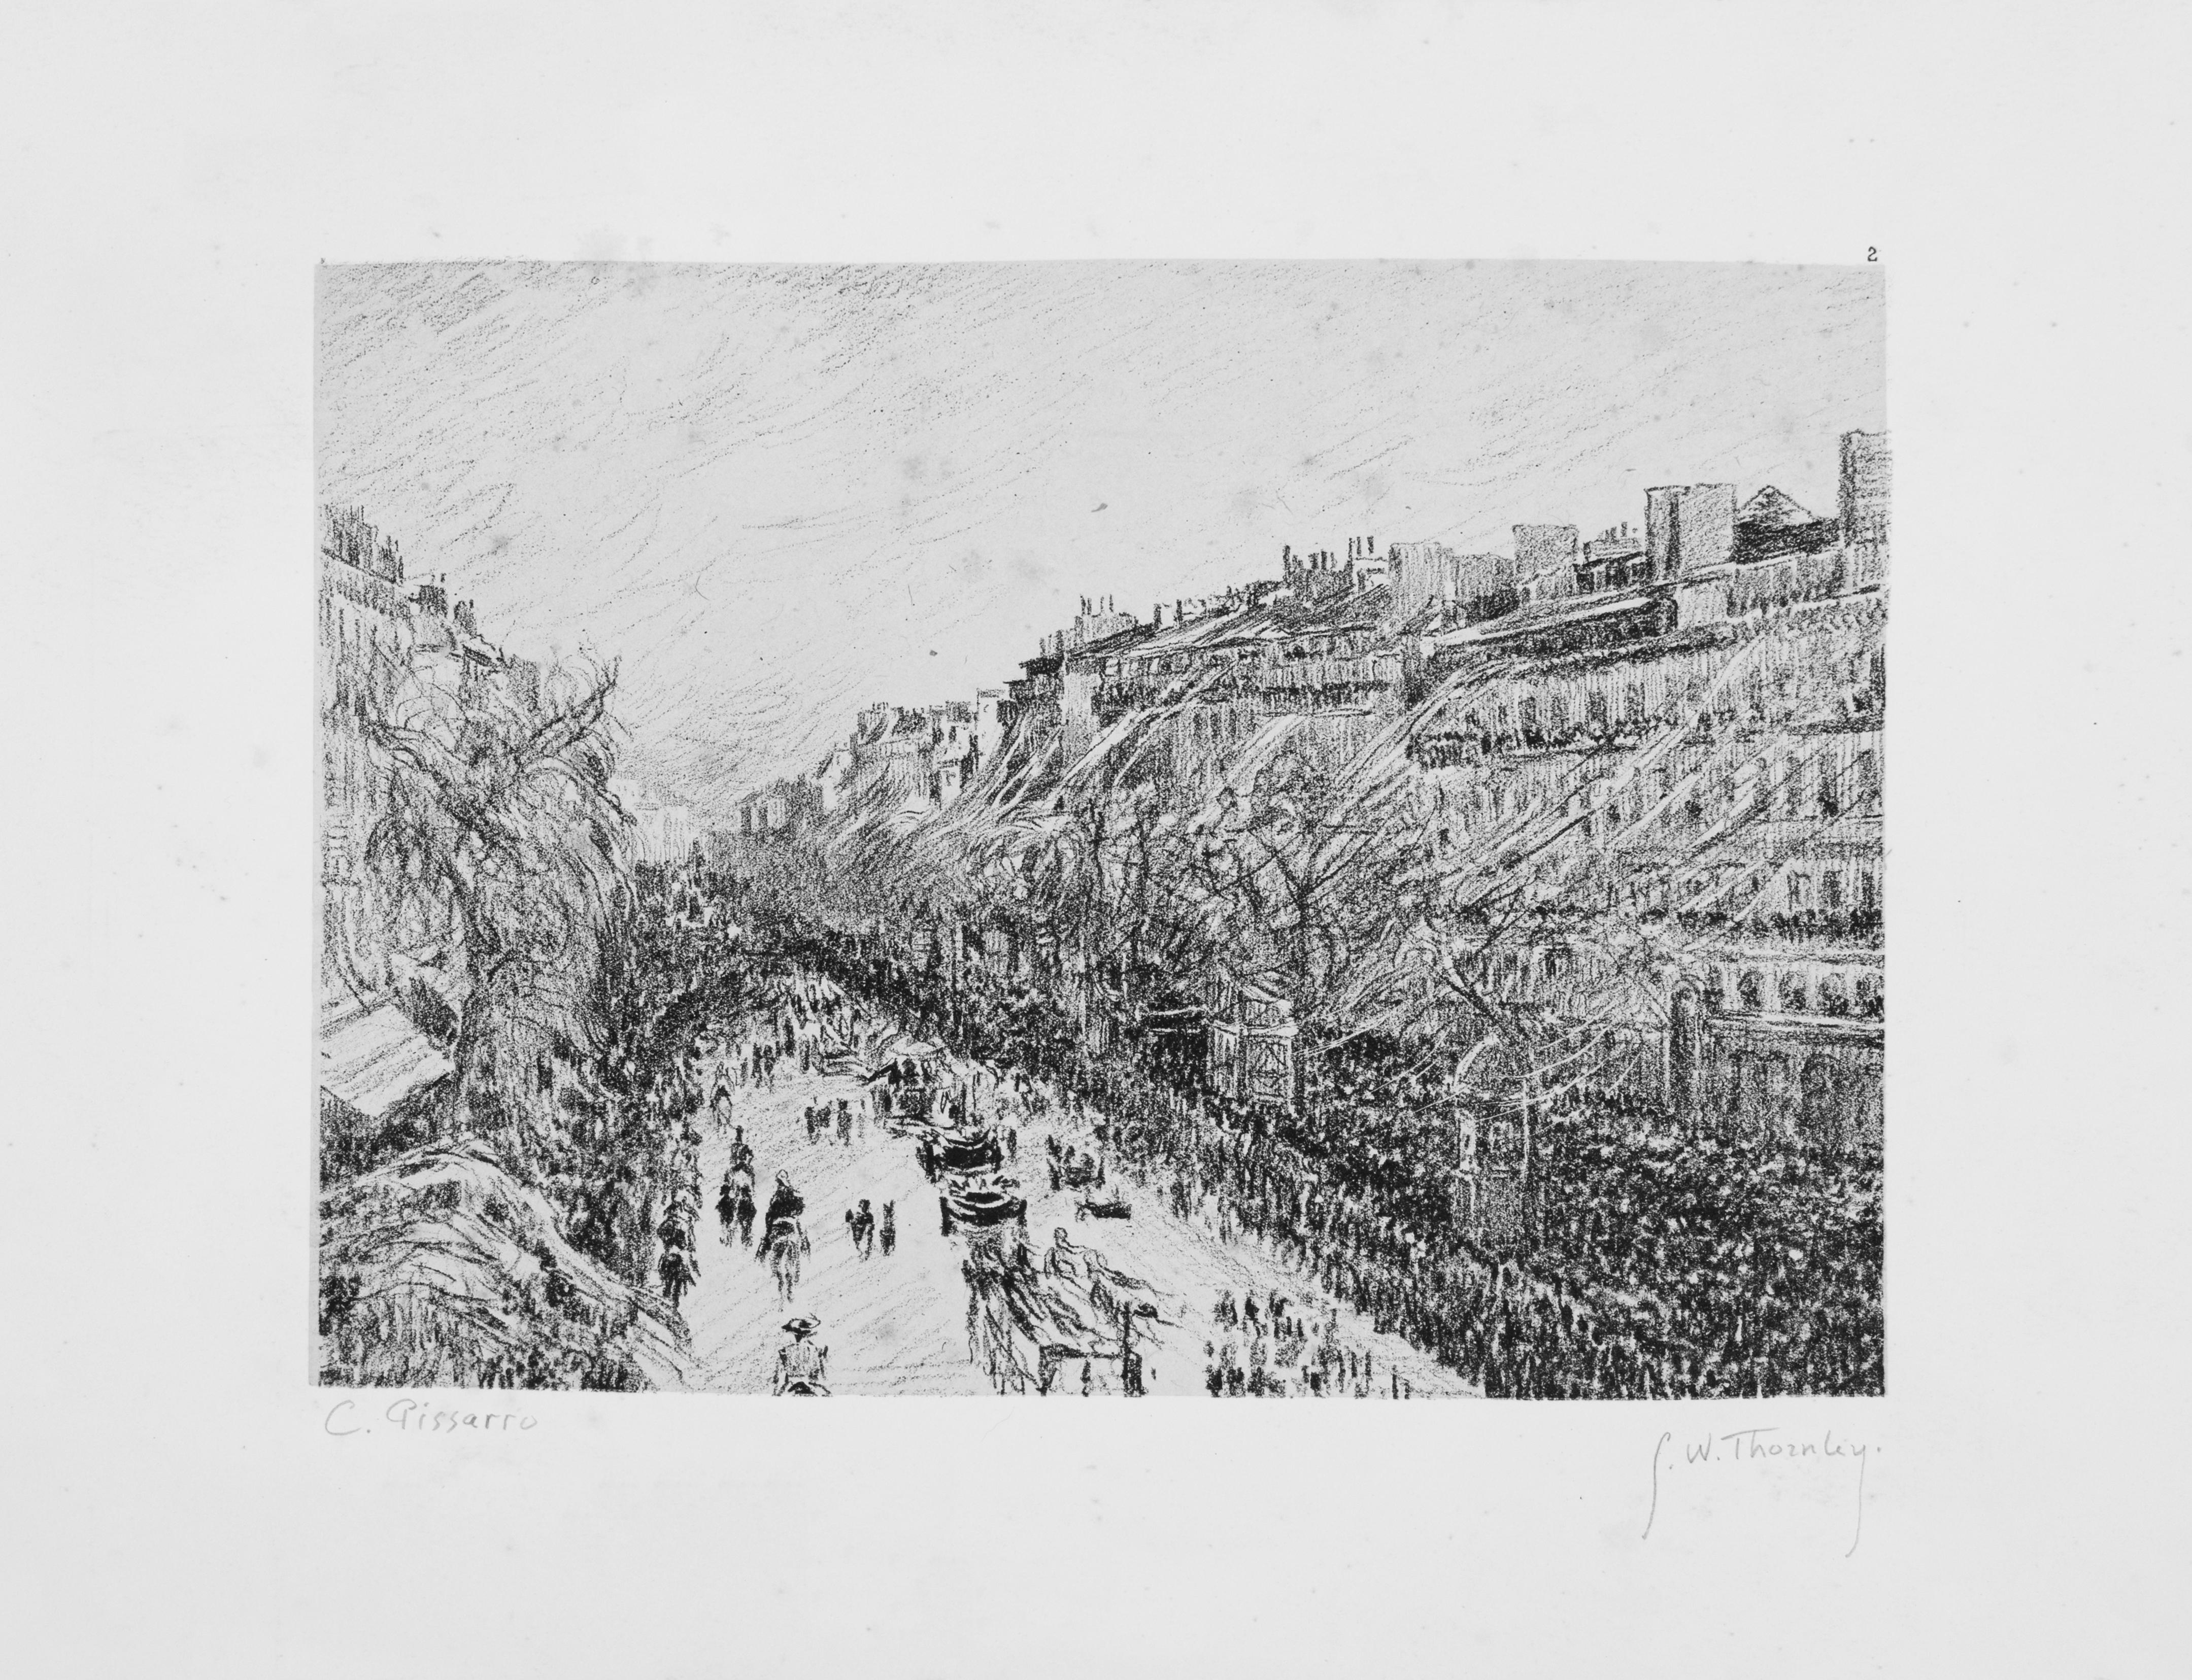 """Pissarro / Thornley, """"La Mi-Carême à Paris,"""" c. 1900, Lithograph, 8 x 10 in."""